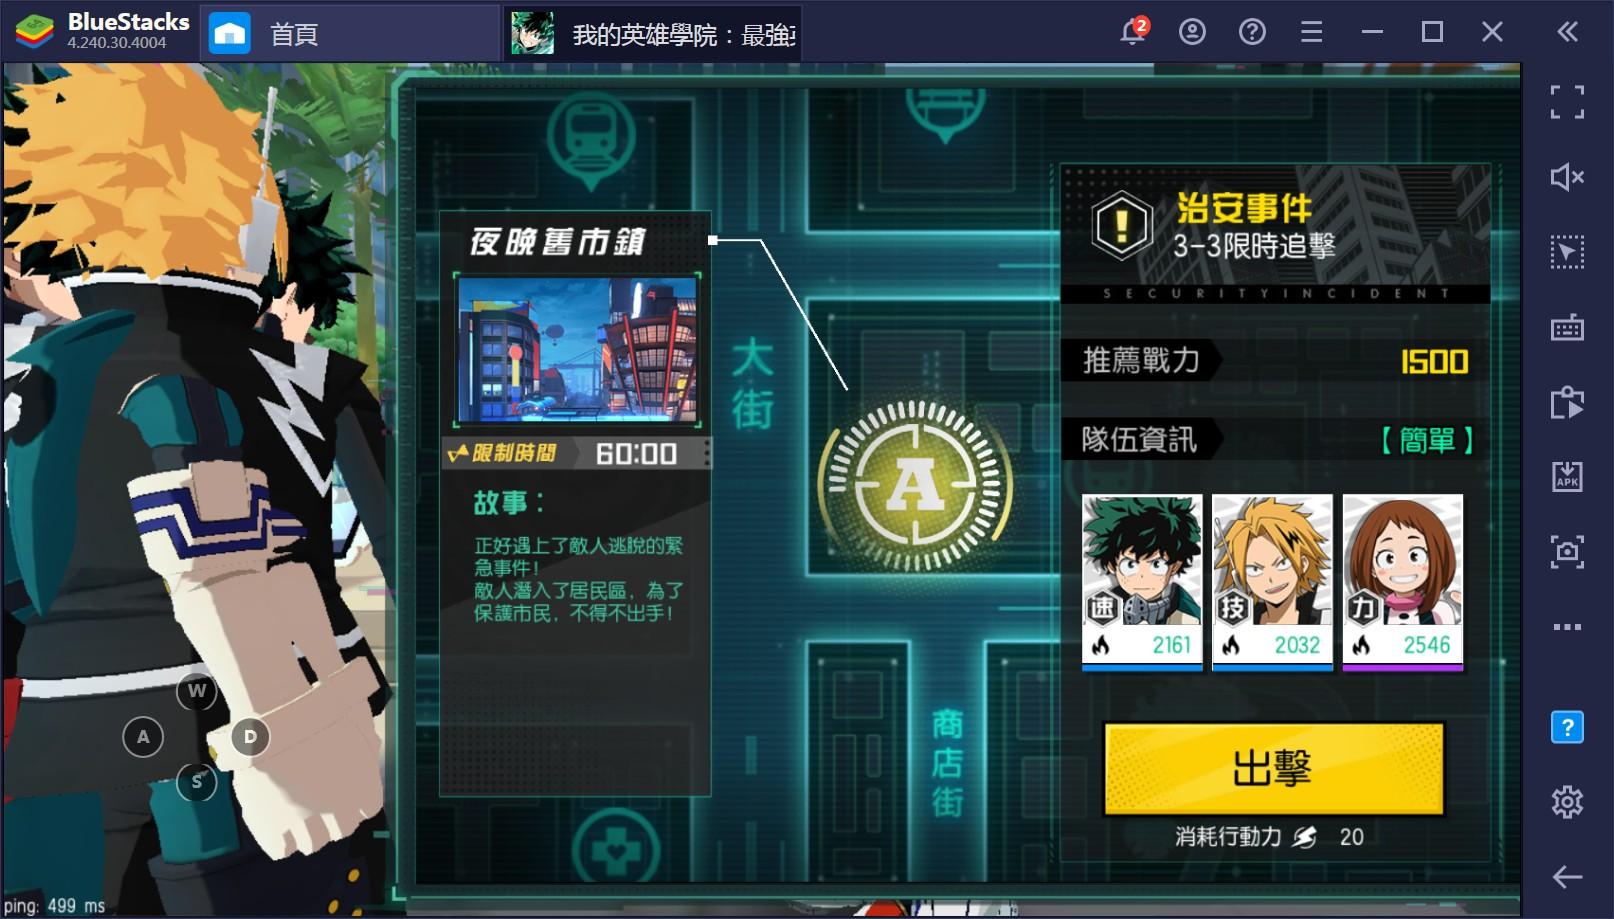 使用BlueStacks在PC上遊玩ARPG手機遊戲 《我的英雄學院:最強英雄》